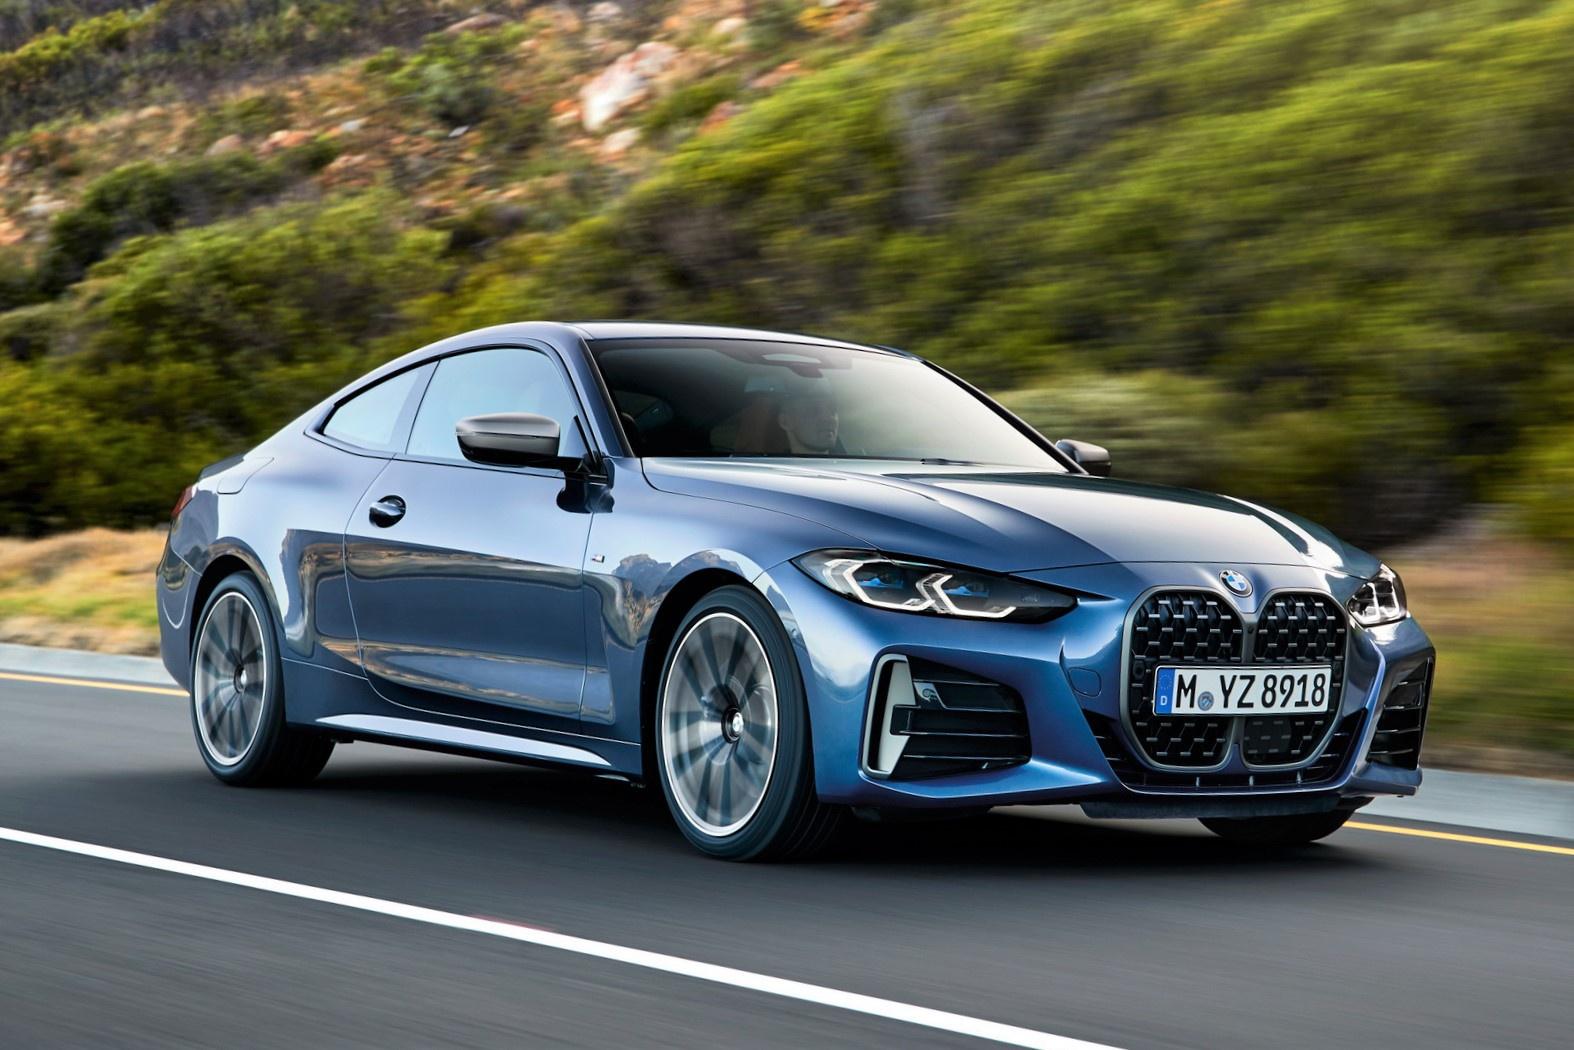 Xe BMW 4-Series Coupe Đời 2021 Có Mấy Phiên Bản, Gía Bao Nhiêu